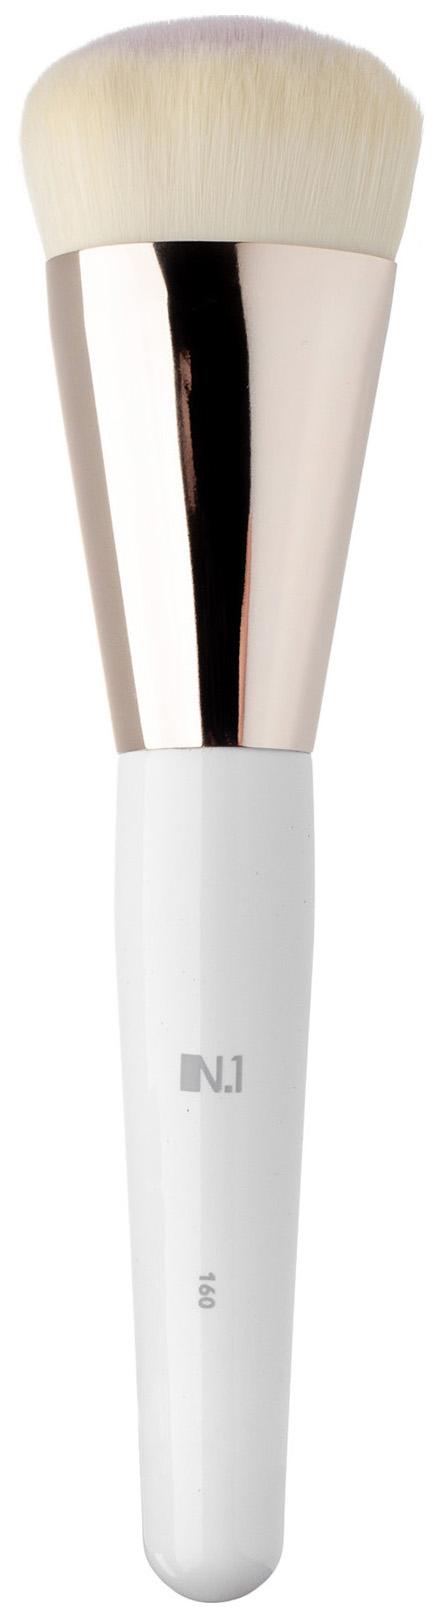 Кисть для макияжа N.1 Округлая для контуринга лица из ворса таклон №160